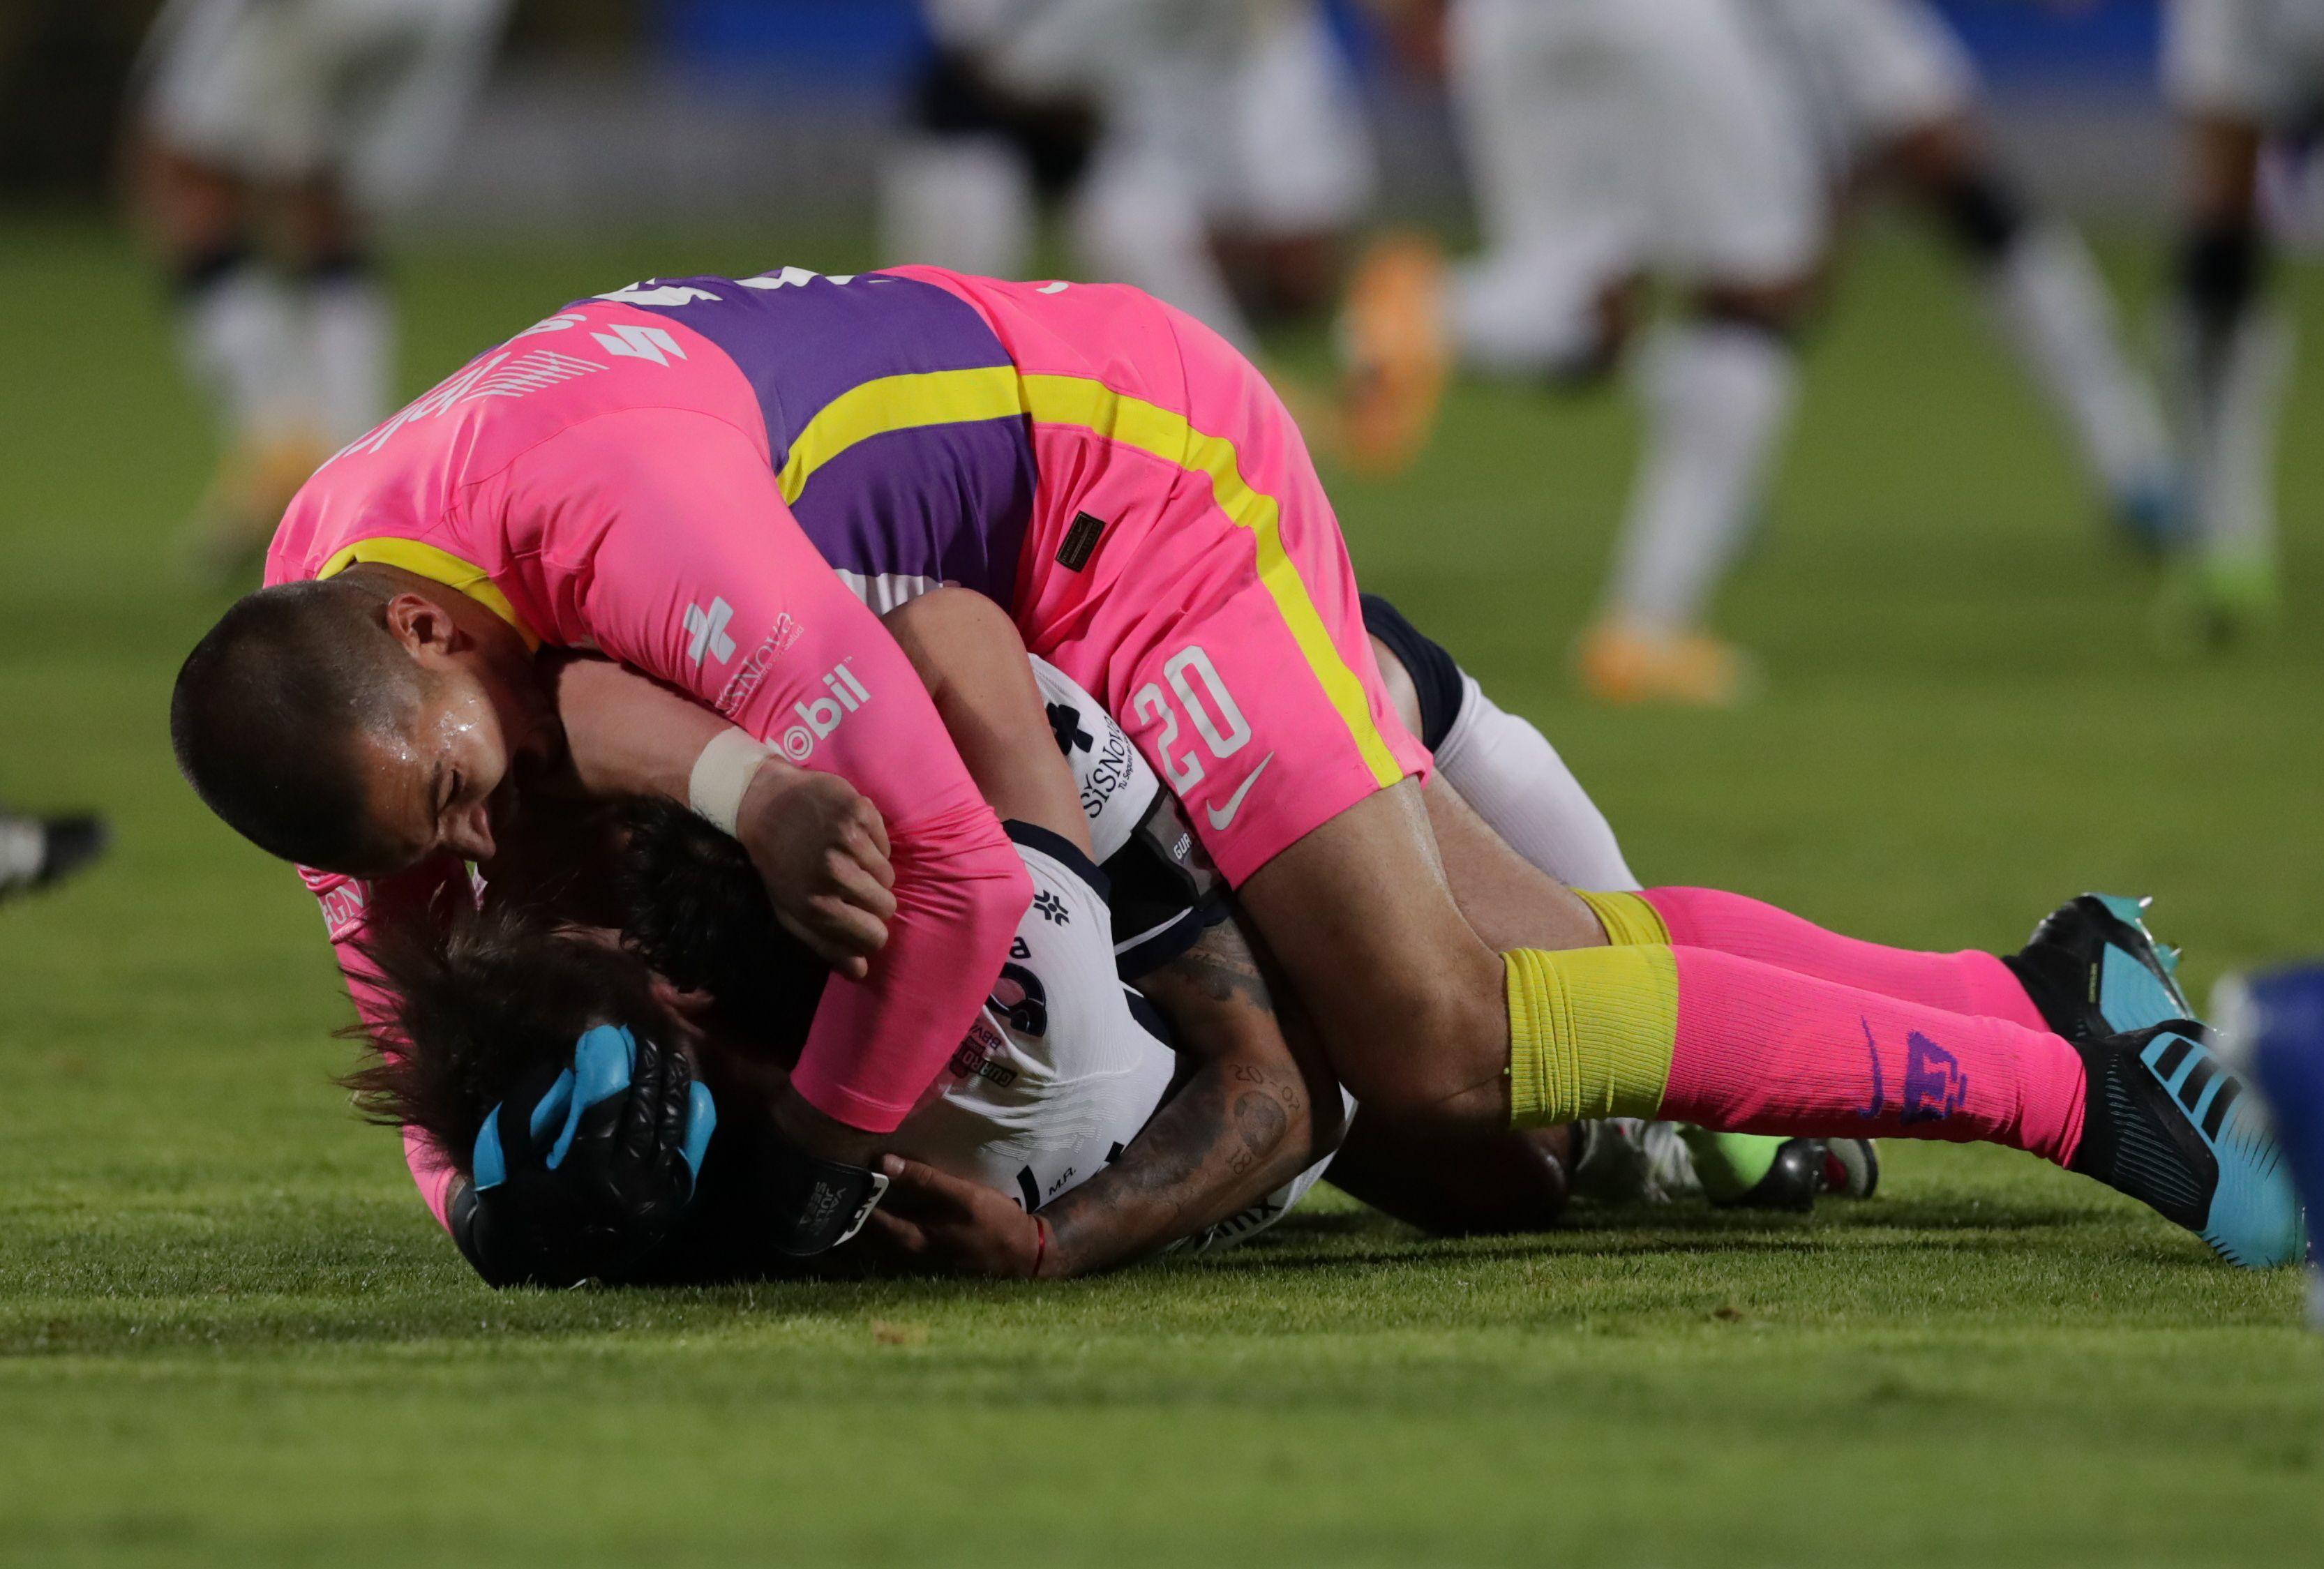 el técnico argentino tuvo que confiarle la responsabilidad del arco a González y mantener ese paso para la clasificación a liguilla (Foto: REUTERS/Henry Romero)